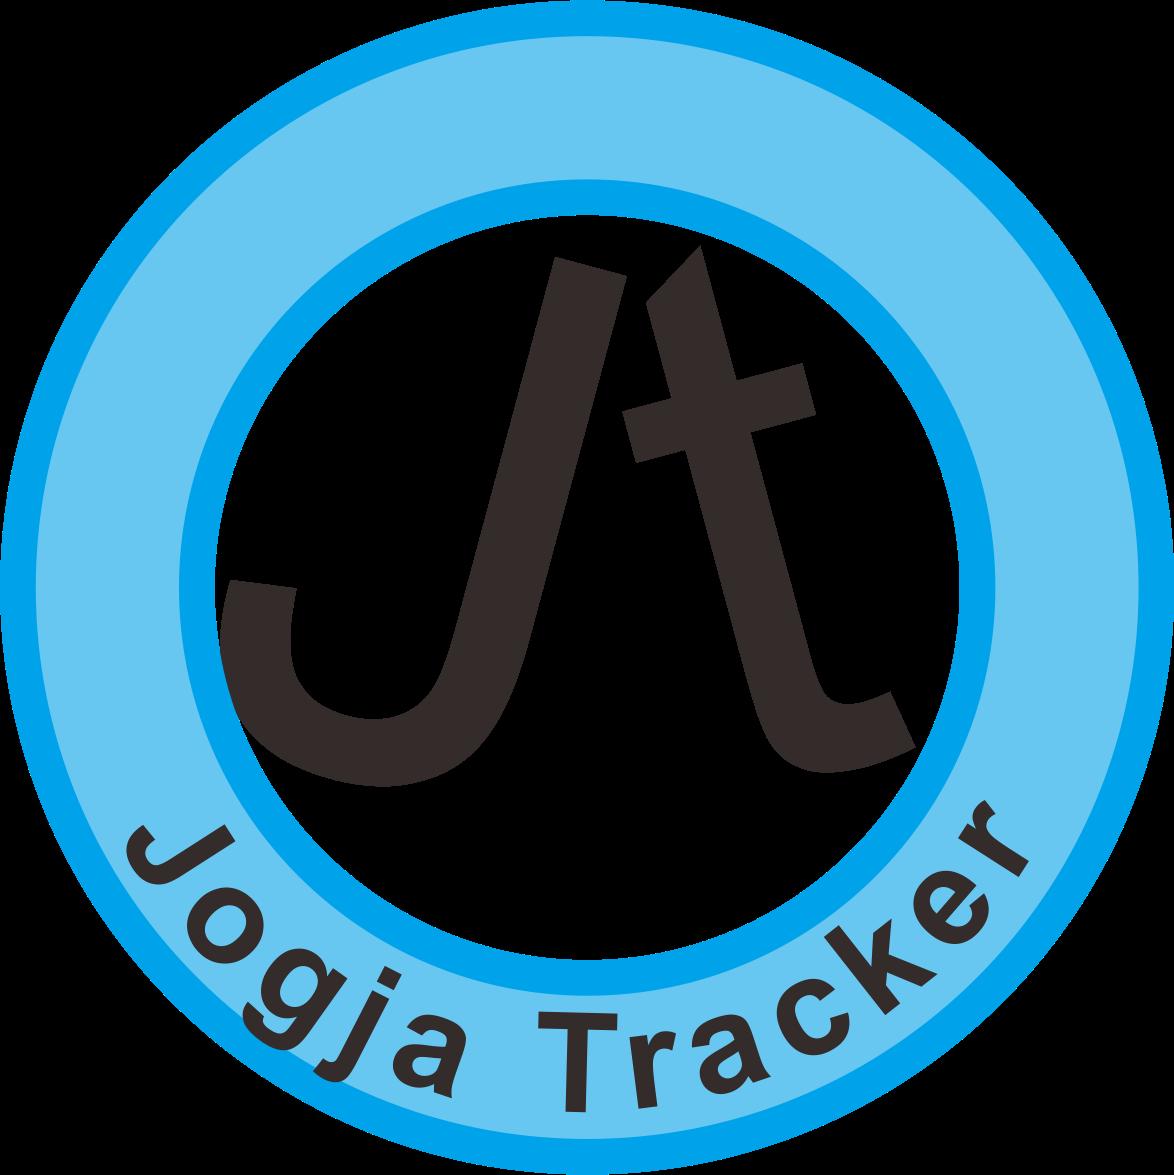 Jogjatracker